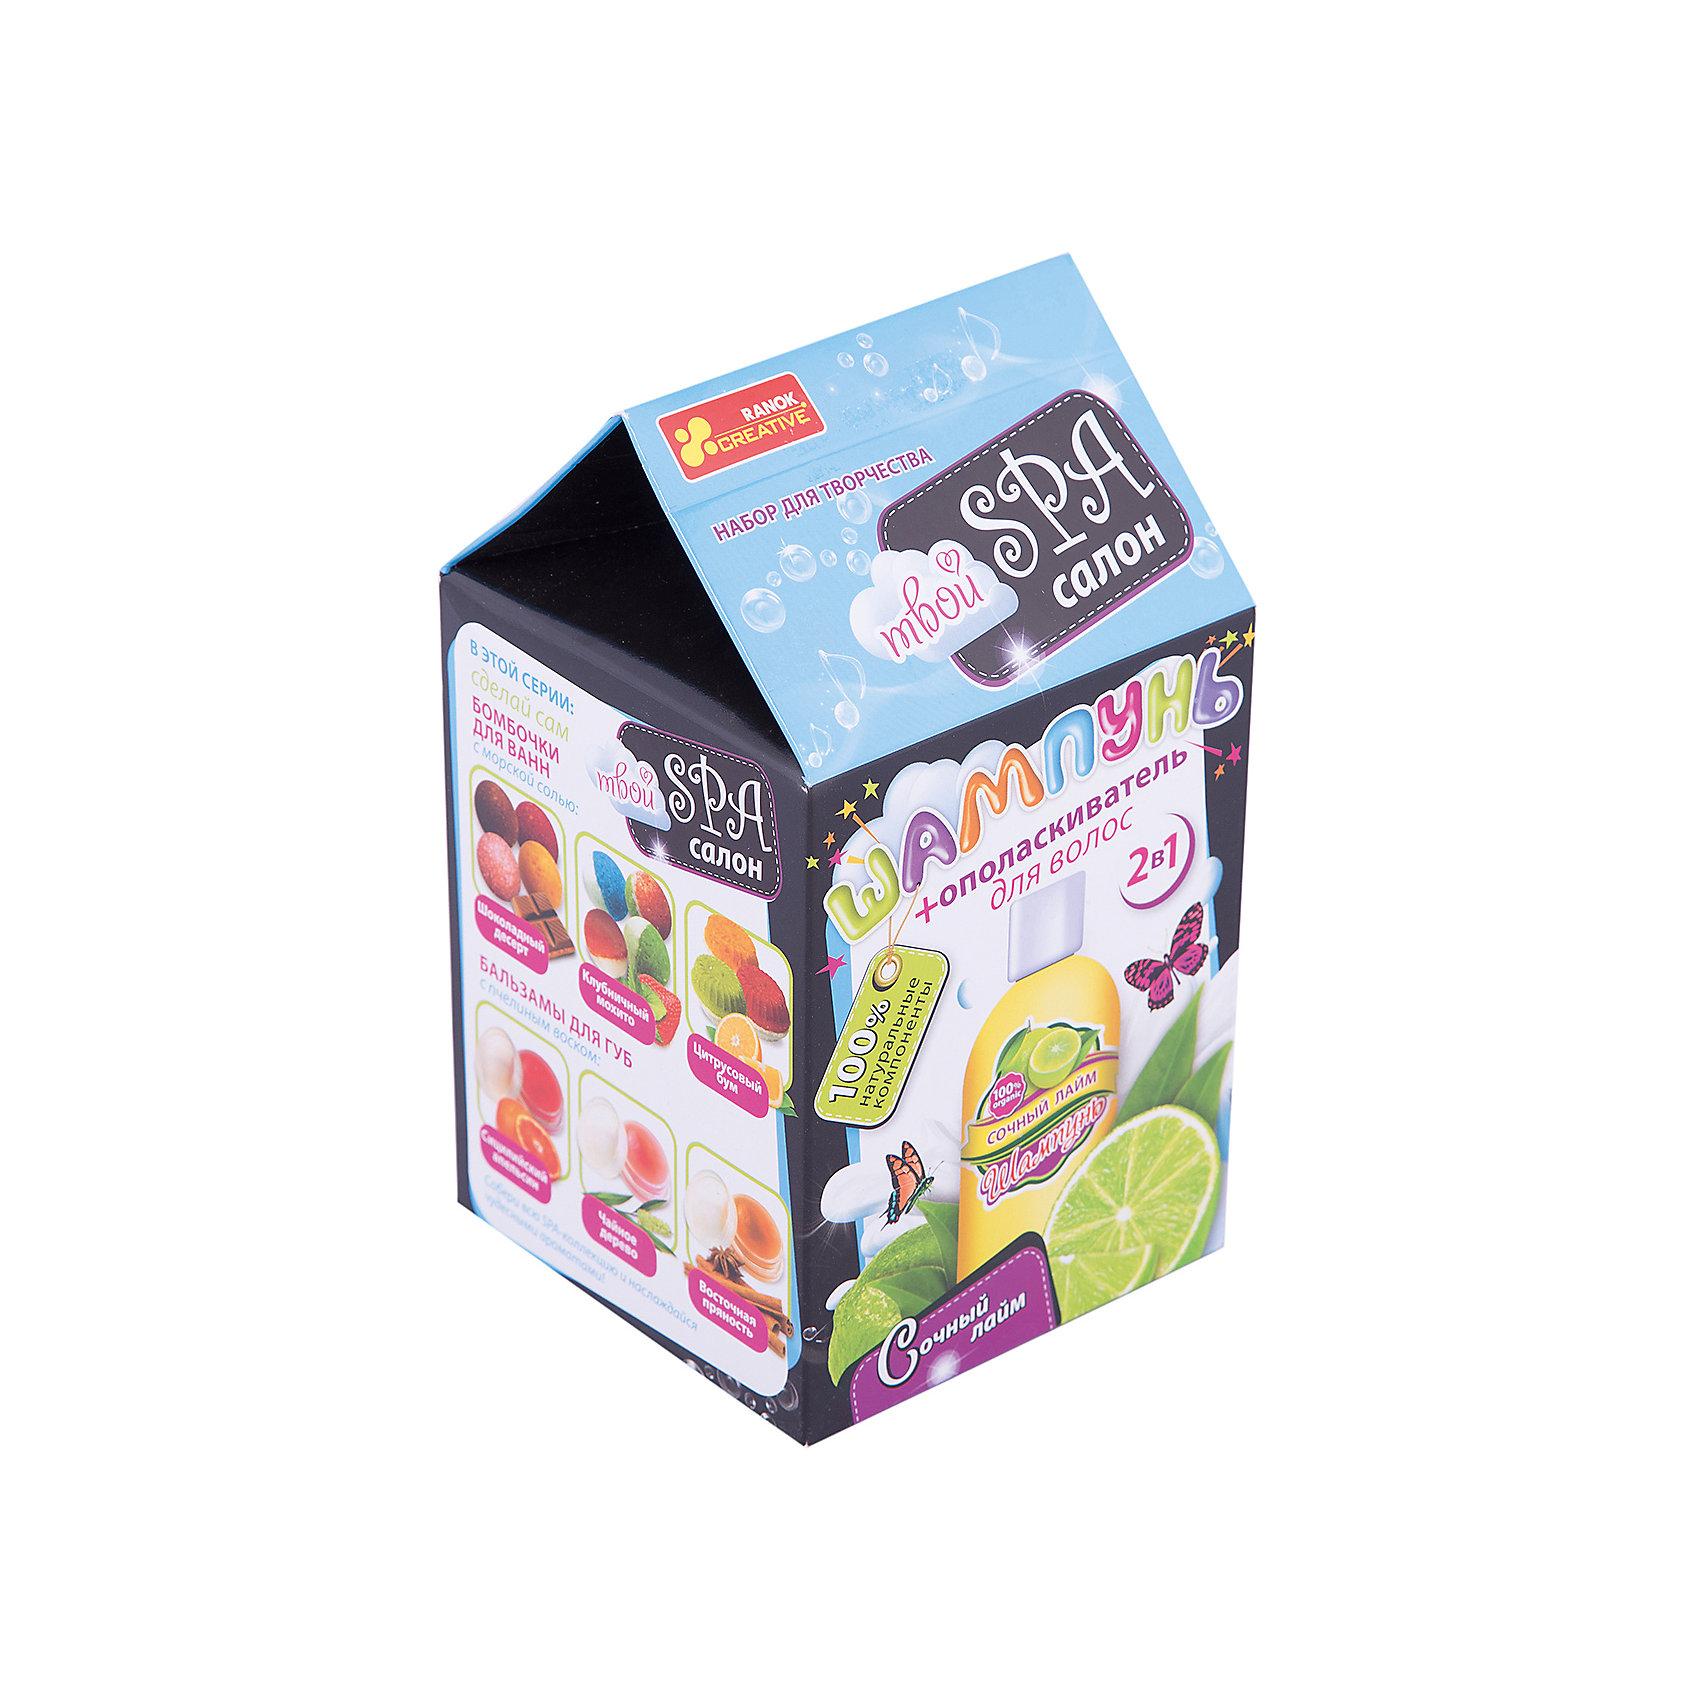 Набор для творчества Шампунь Сочный лаймЗамечательный набор для детского творчества - ароматный шампунь с натуральным эфирным маслом и полезный ополаскиватель для волос. Такой шампунь и ополаскиватель из натуральных компонентов можно приготовить в домашних условиях. Поразите всех красотой своих сияющих волос!<br><br>Ширина мм: 115<br>Глубина мм: 115<br>Высота мм: 200<br>Вес г: 80<br>Возраст от месяцев: 84<br>Возраст до месяцев: 2147483647<br>Пол: Женский<br>Возраст: Детский<br>SKU: 5392758